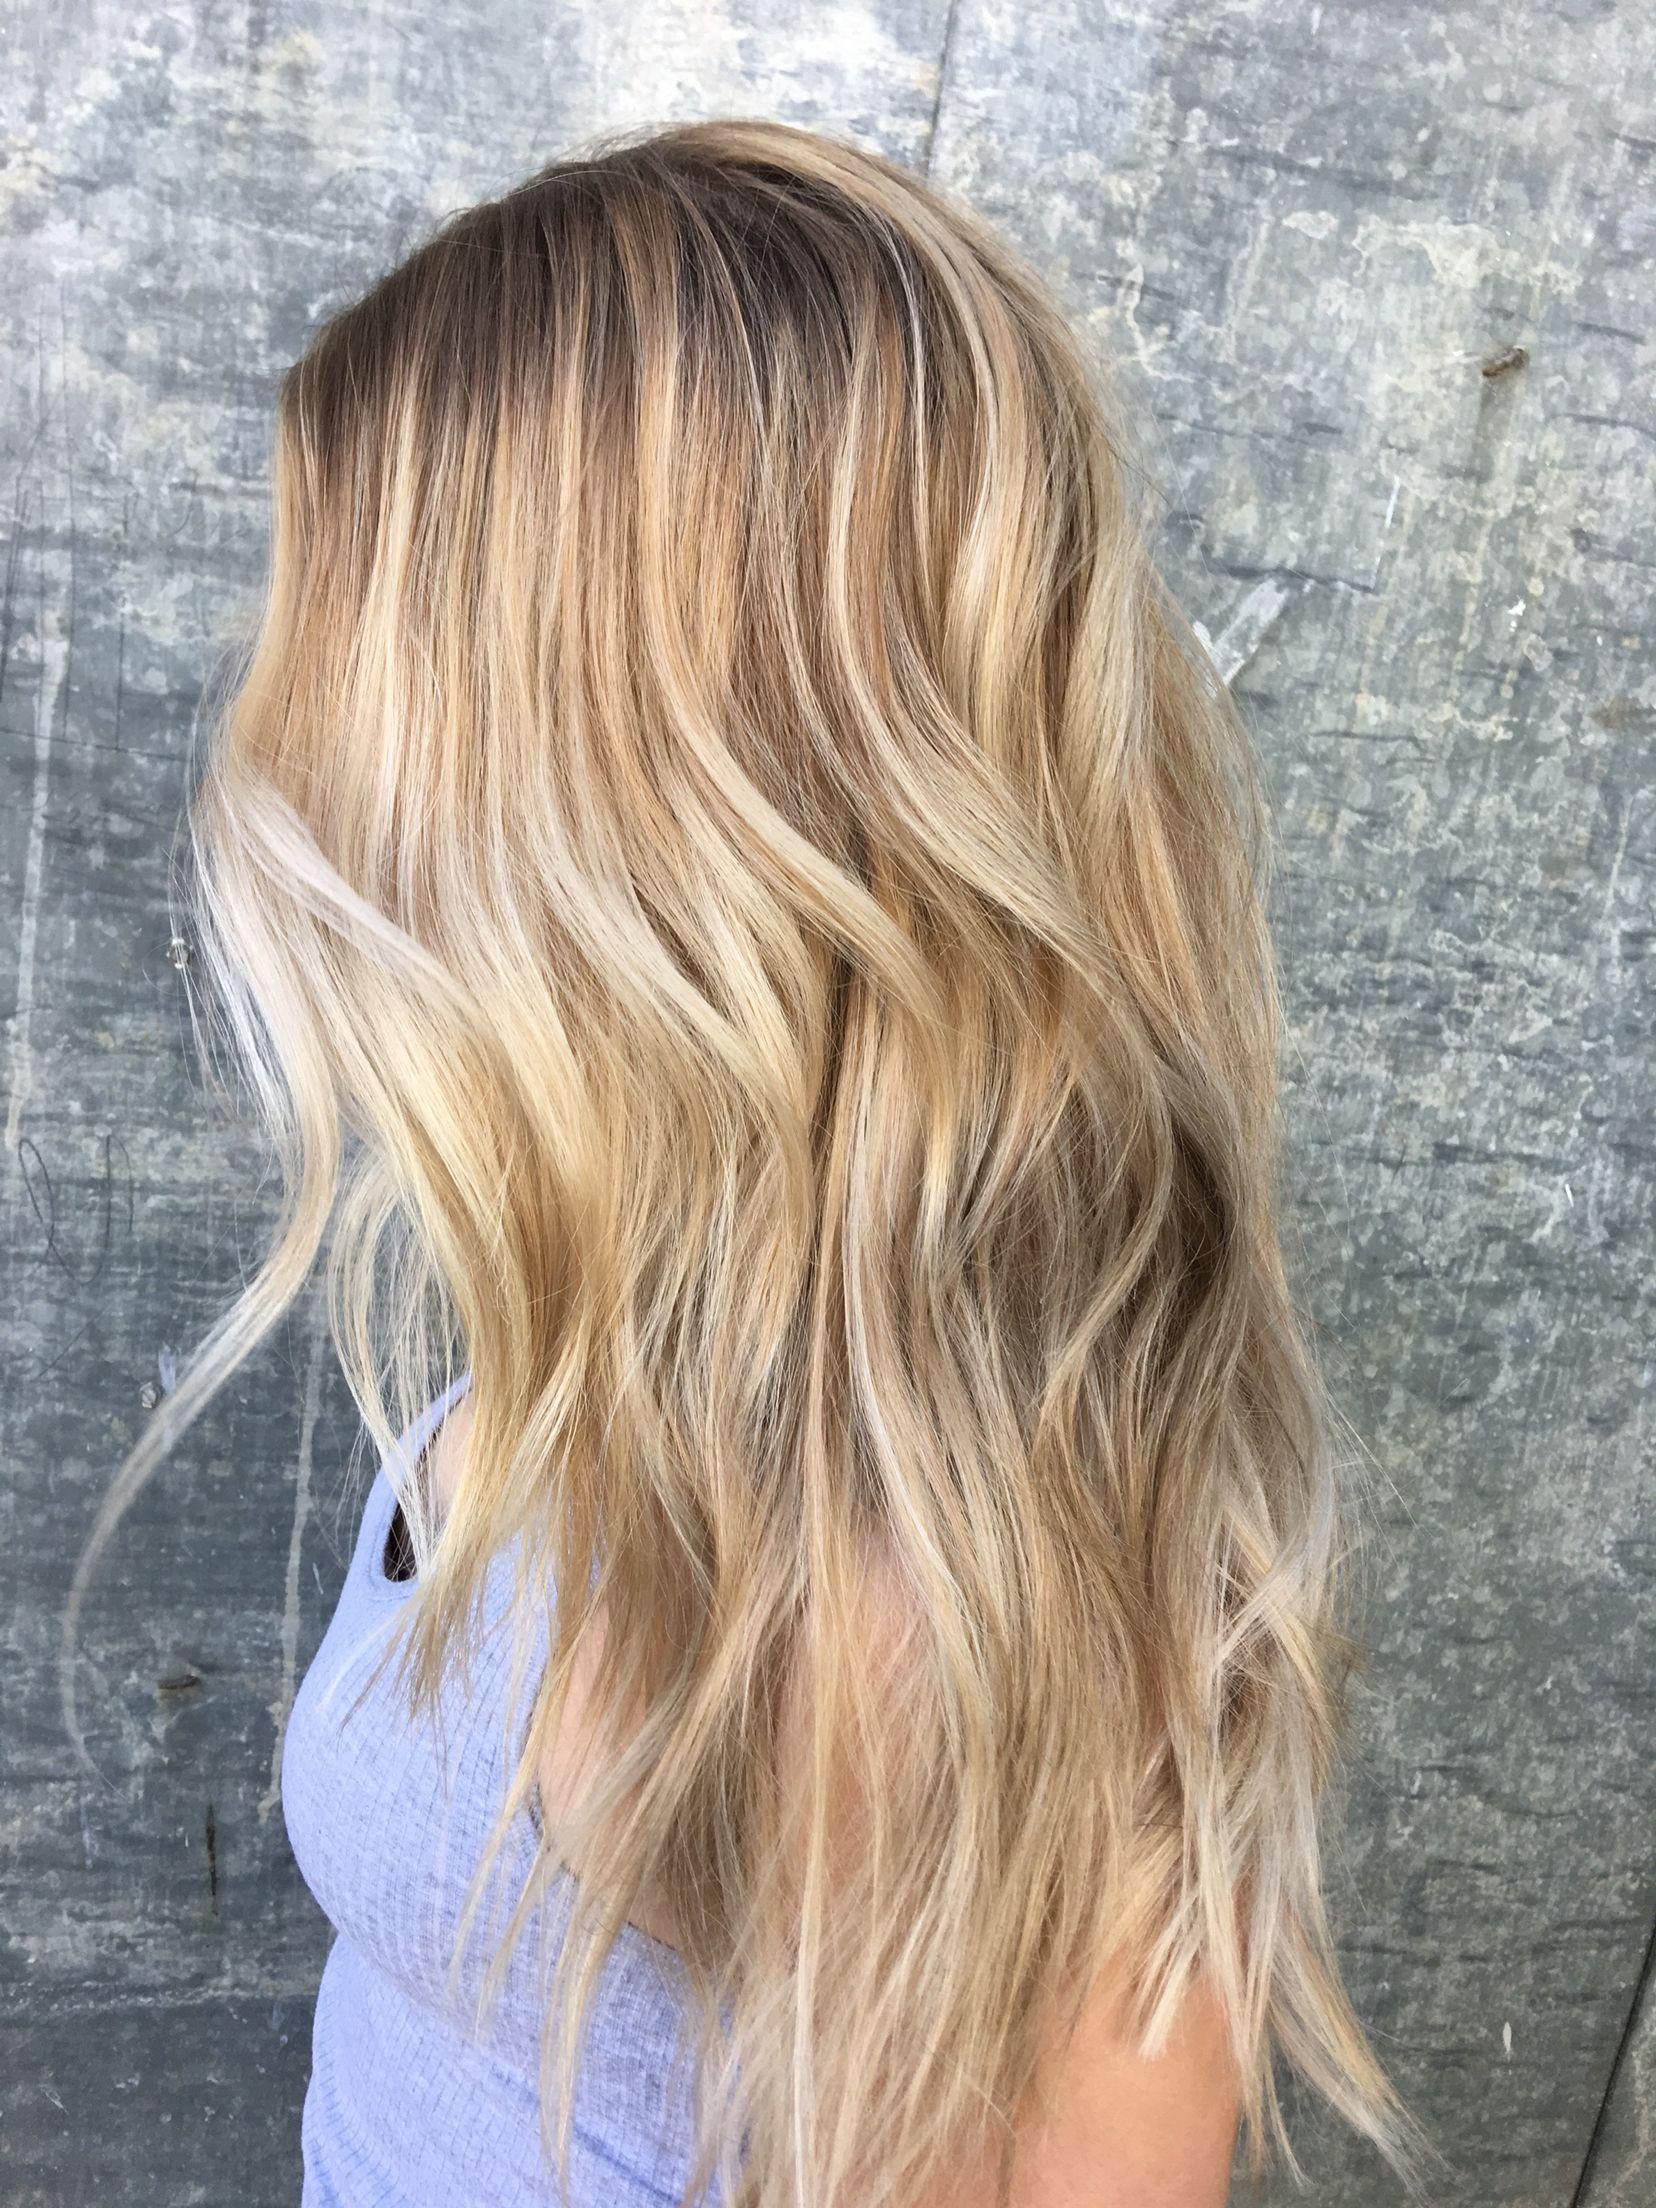 Kahve Renginde Saçlardan Seçmeler